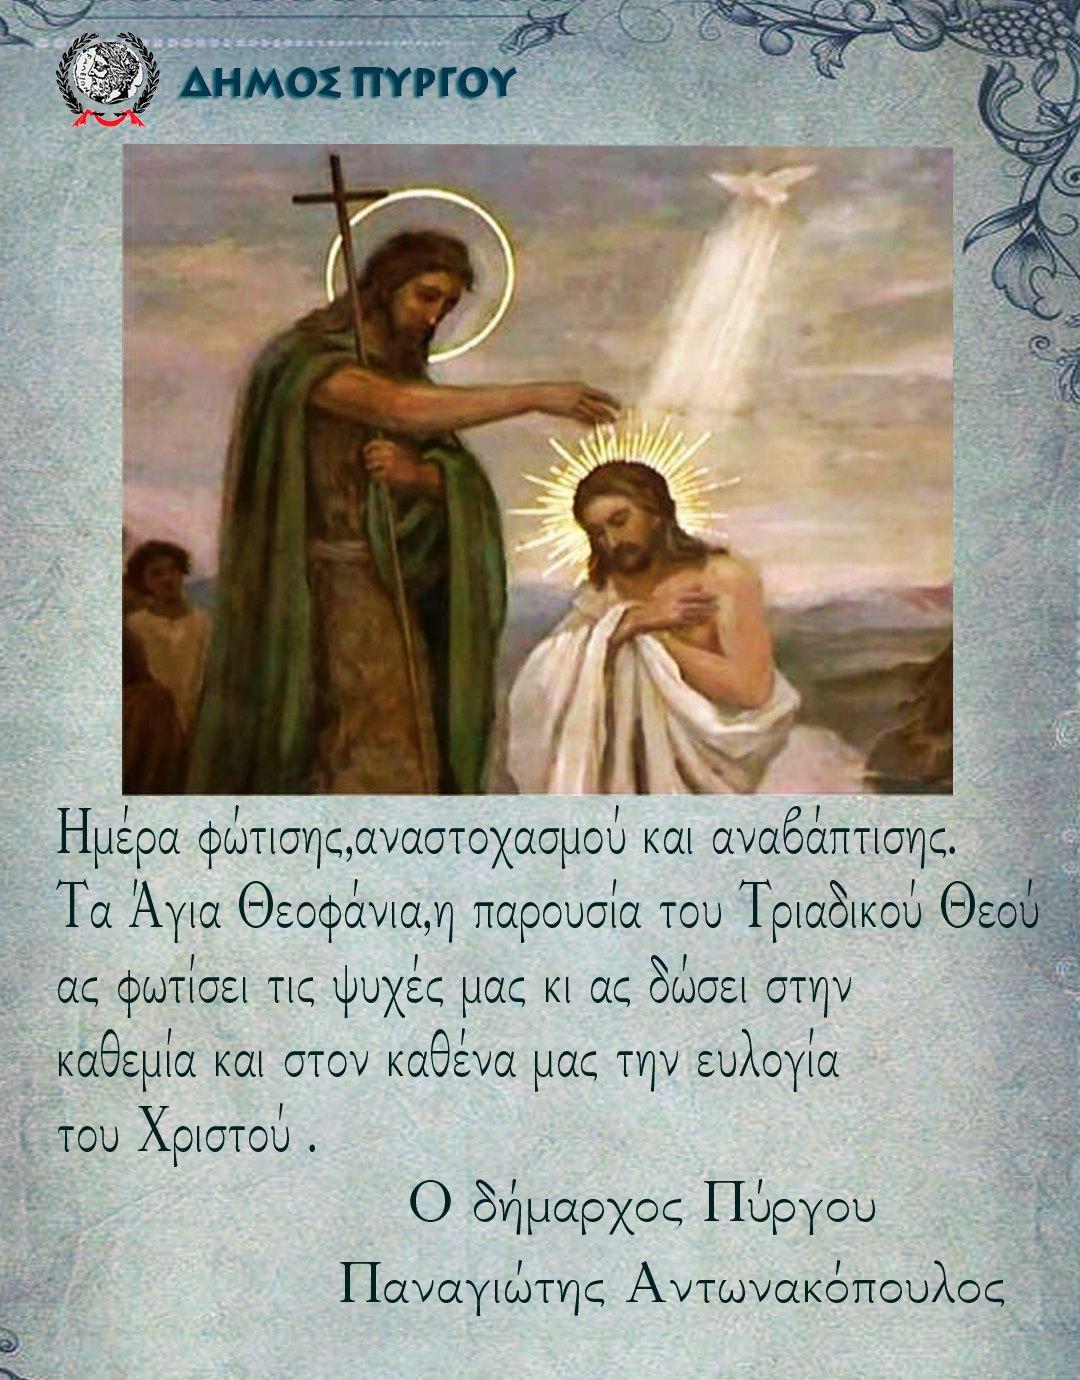 Μήνυμα Δημάρχου Πύργου Παναγιώτη Αντωνακόπουλου για τα Θεοφάνεια